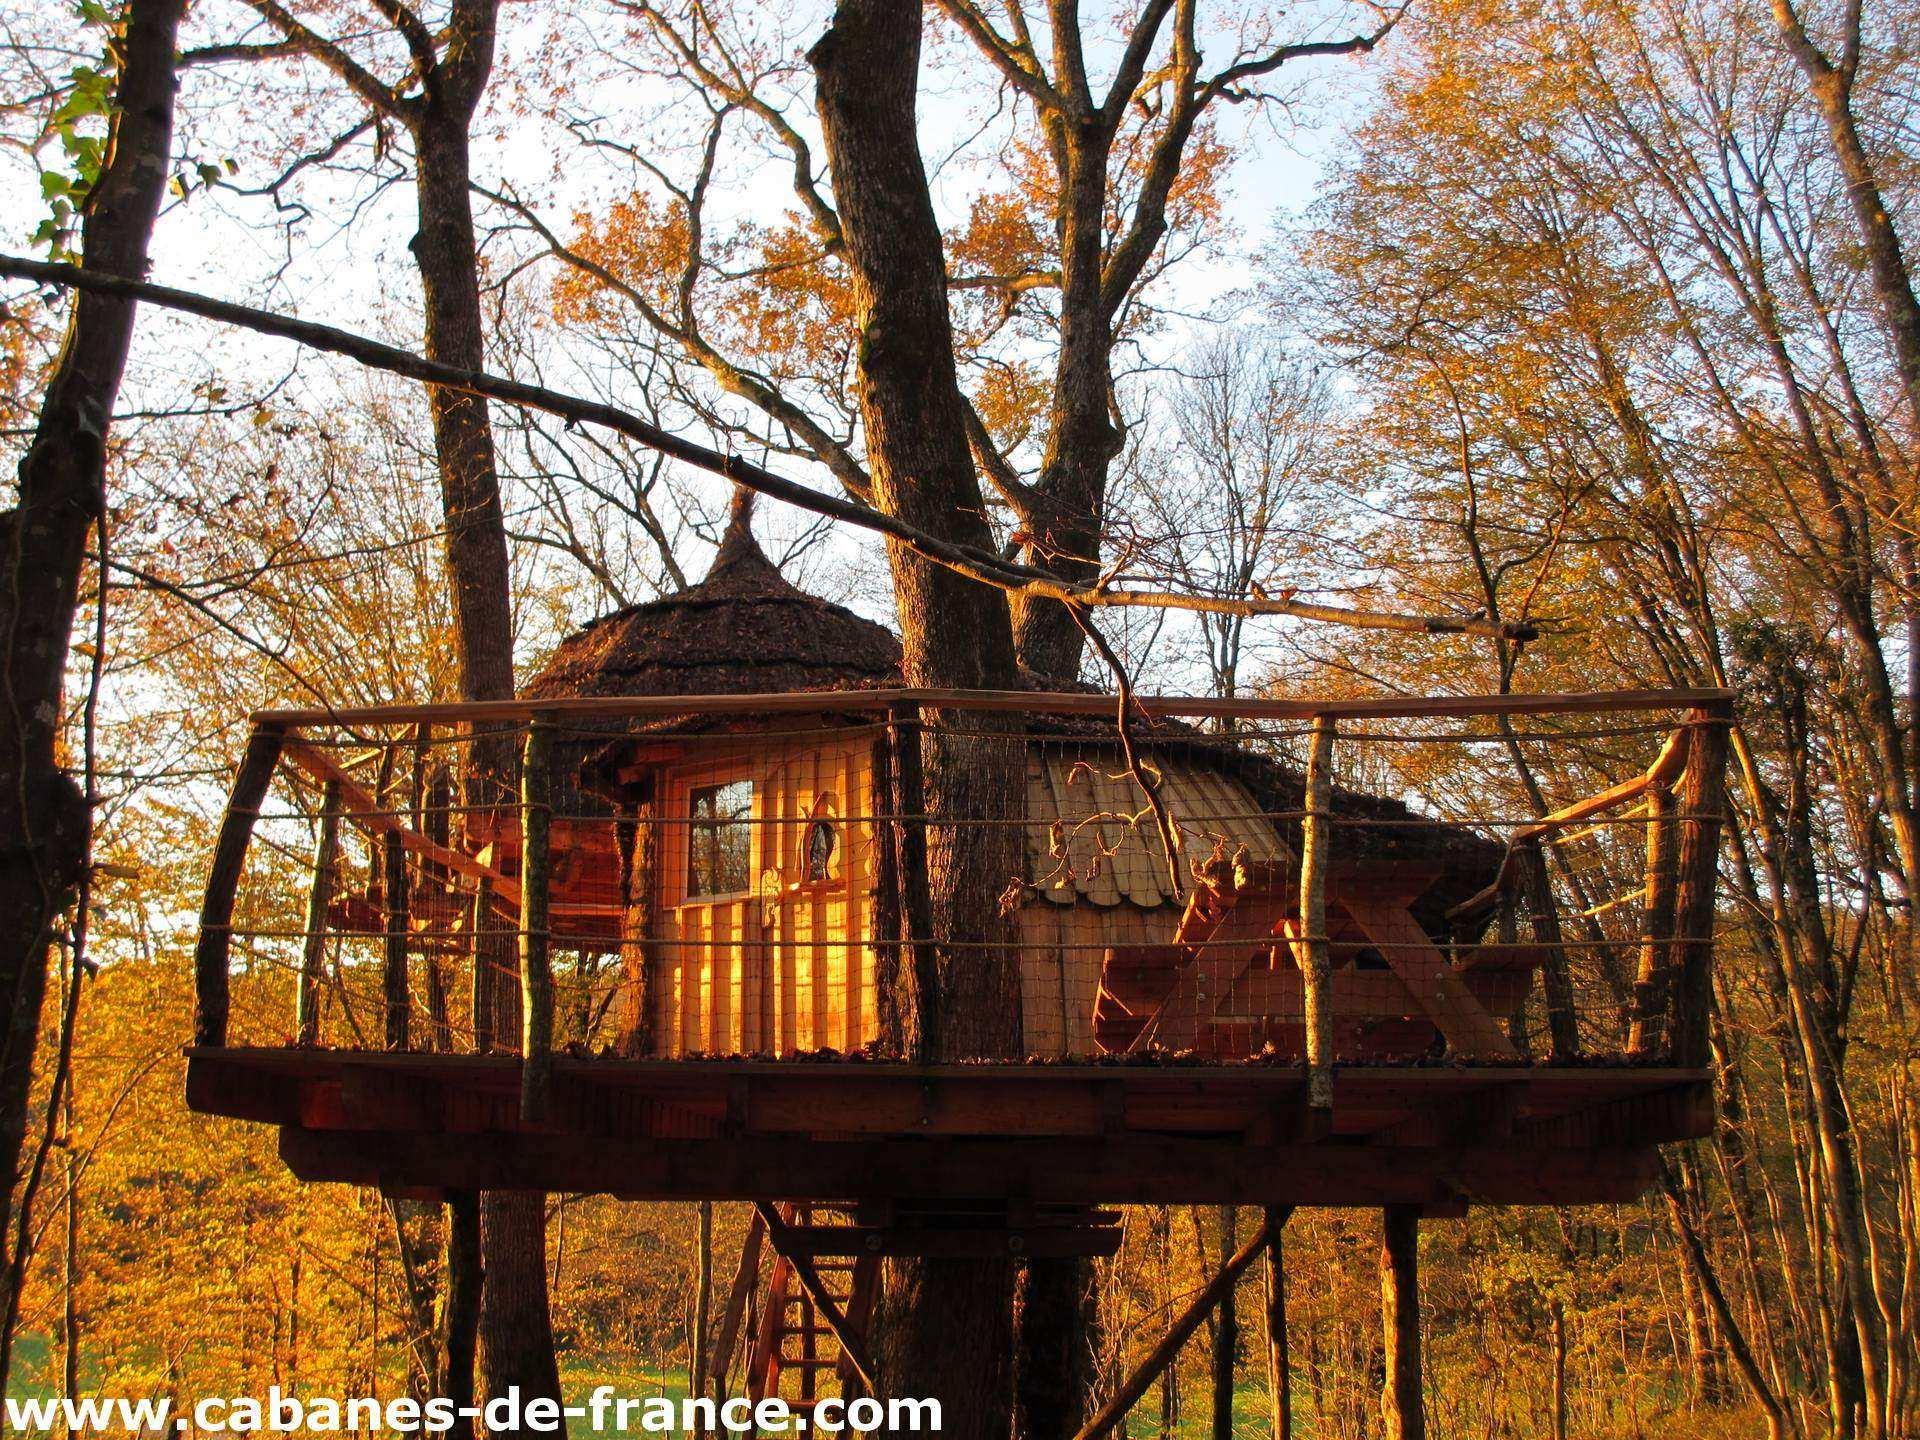 Cabane Du Bois Clair - Mandubienne Les Cabanes du Bois Clair Cabane dans les arbres en Franche Comté Cabanes de